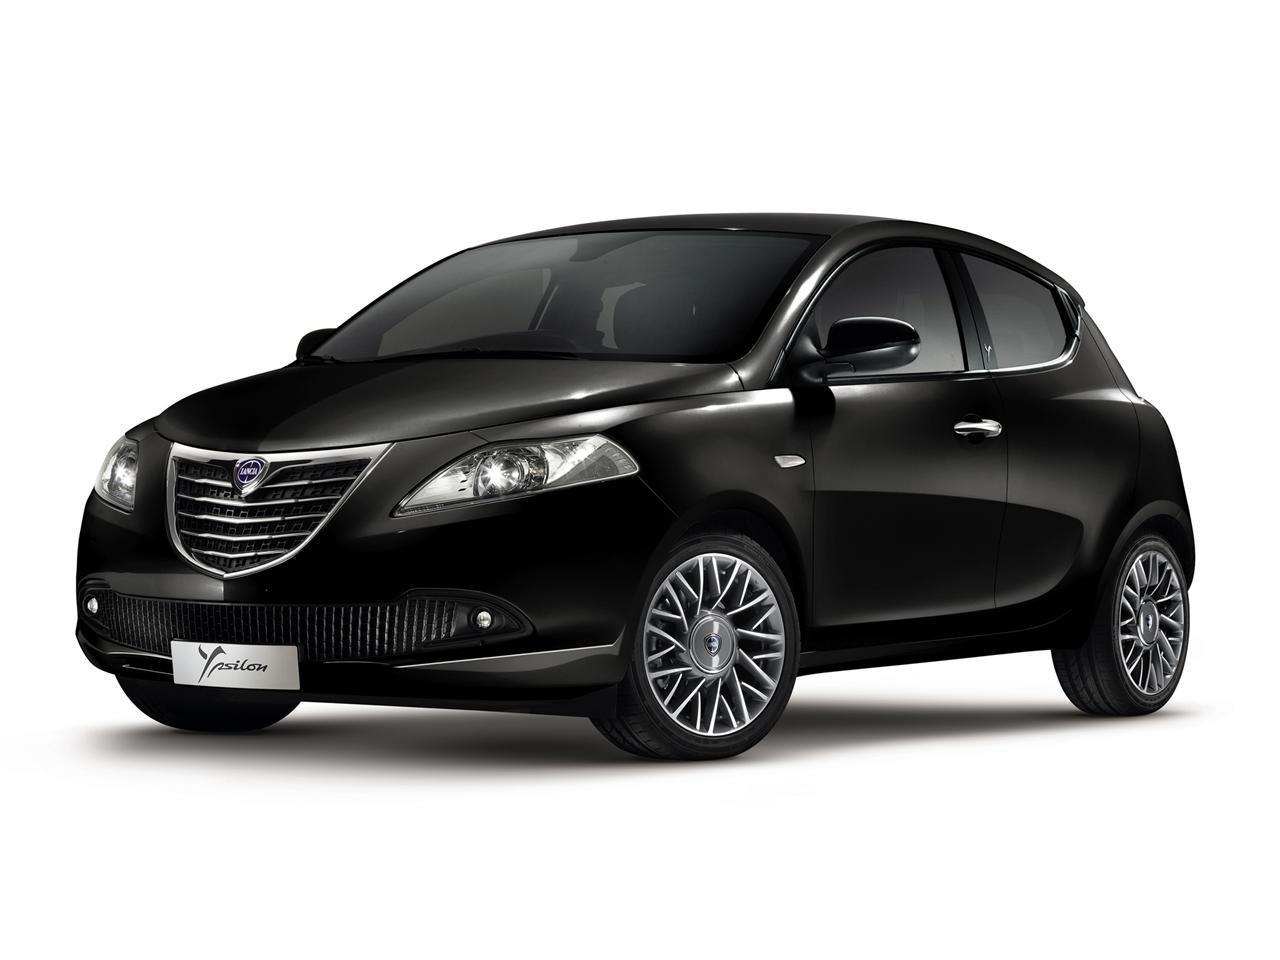 FERIA INTERNACIONAL DEL AUTOMOVILISMO,AUTOS TUNING-http://a.ccdn.es/cnet/contents/media/LANCIA/Ypsilon/405452.jpg